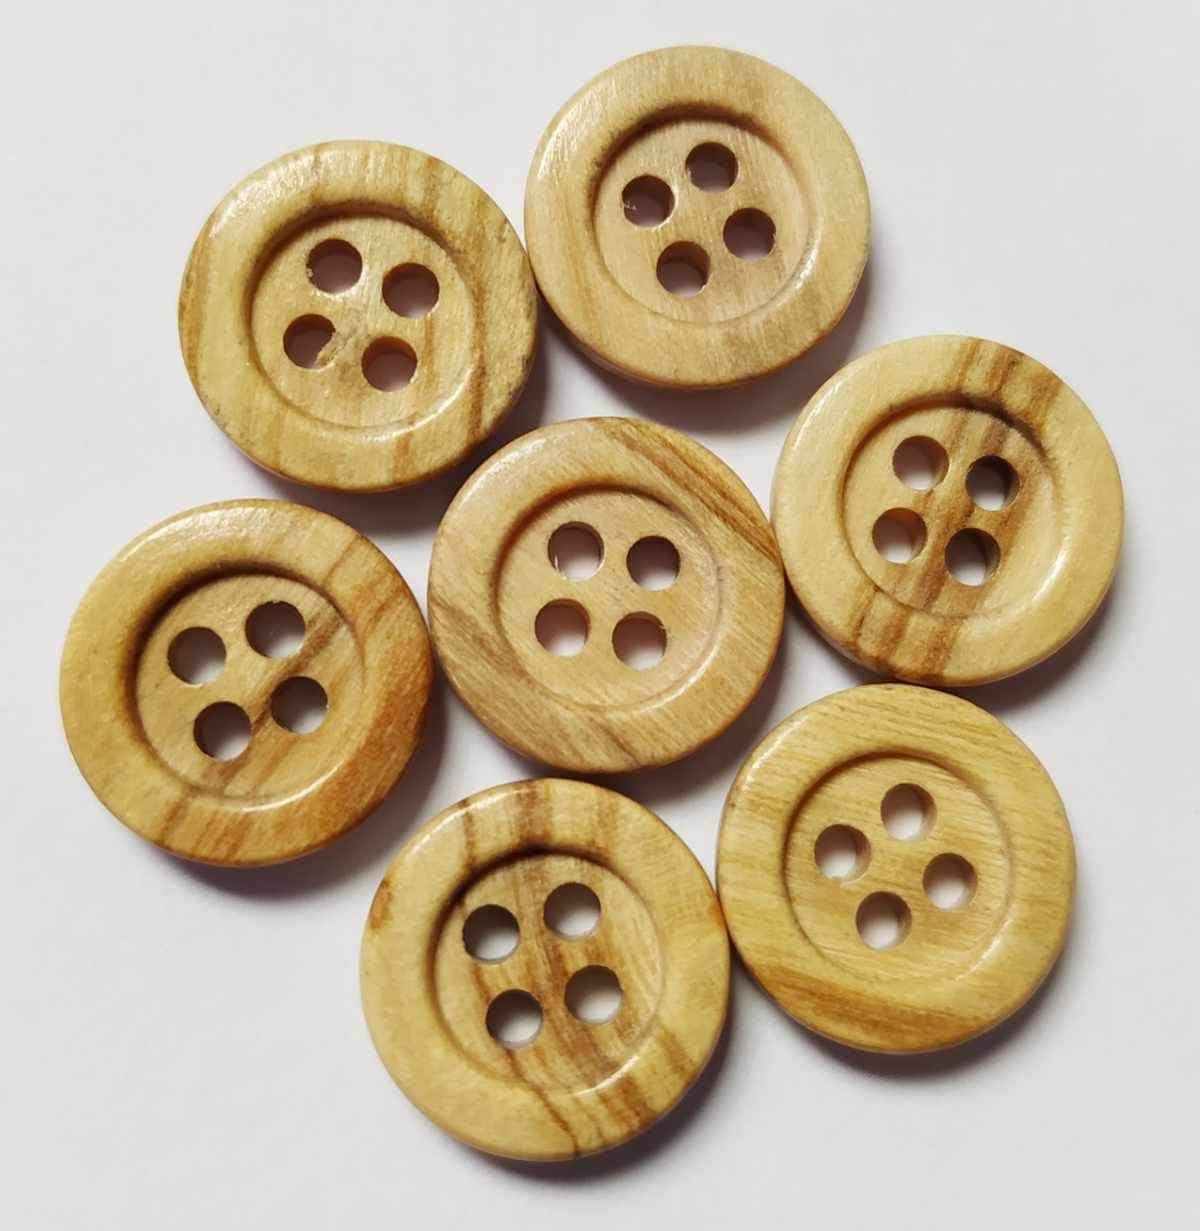 50 Botones de Madera (11 mm) - 4 agujeros con reborde - Color madera clara - FABRICADO y ENVIADO desde España